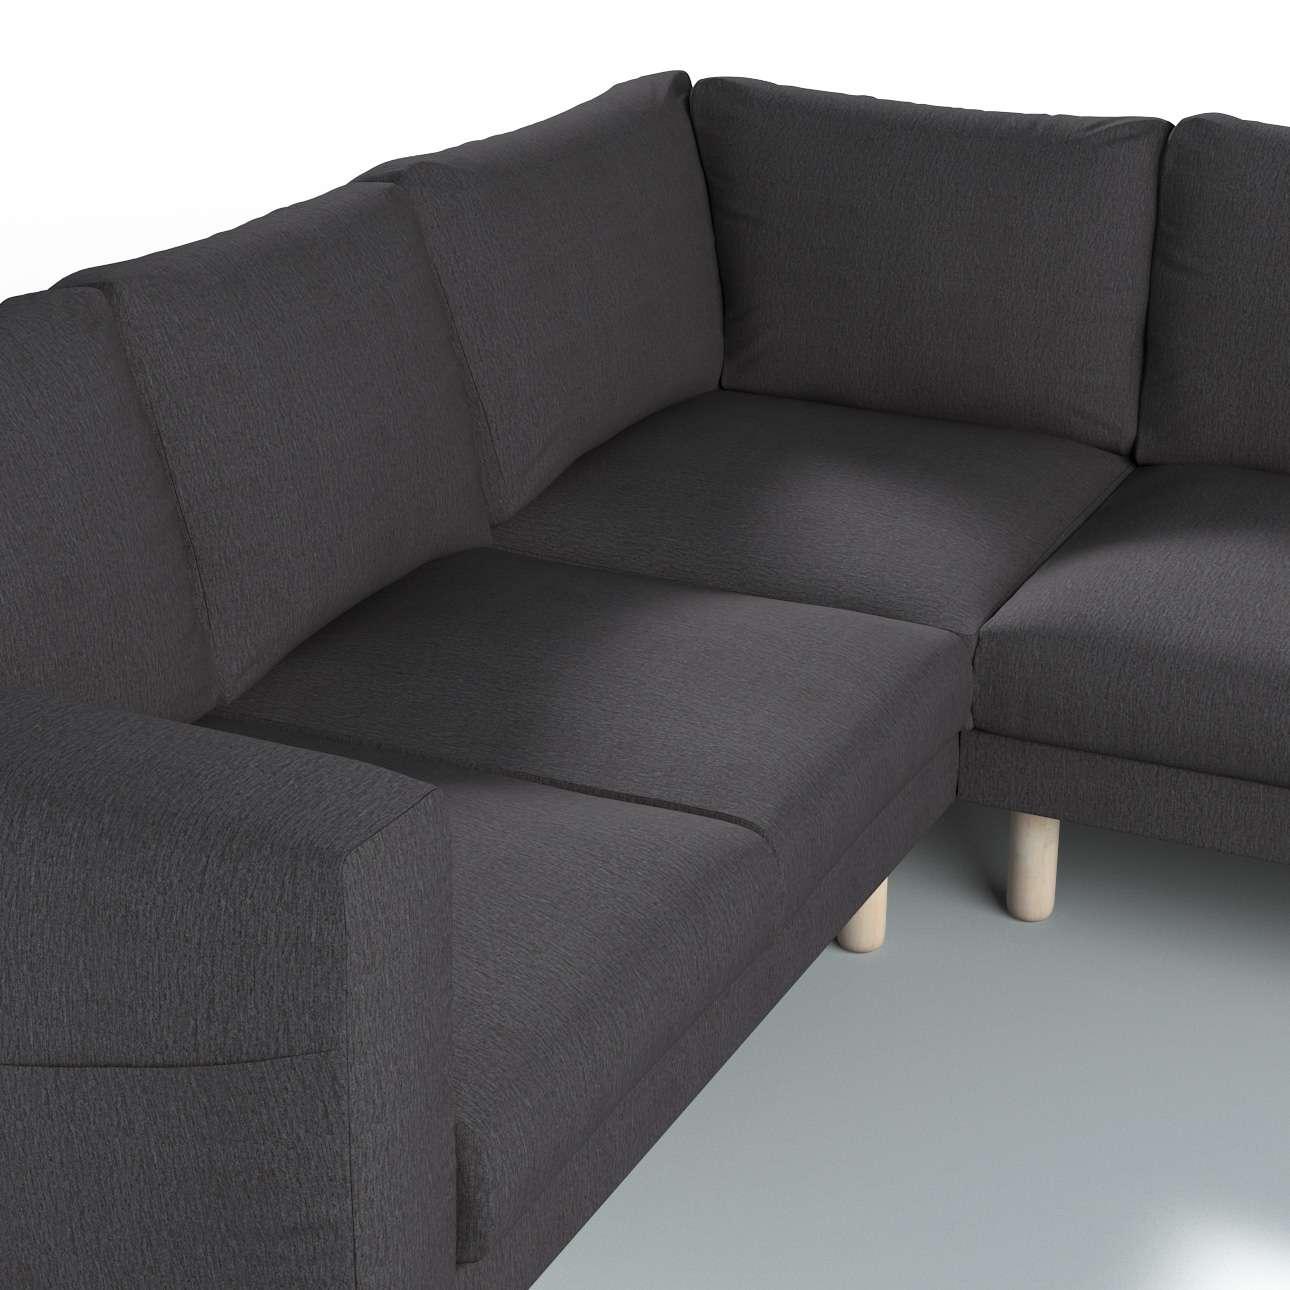 Pokrowiec na sofę narożną Norsborg 4-osobową w kolekcji Chenille, tkanina: 702-20